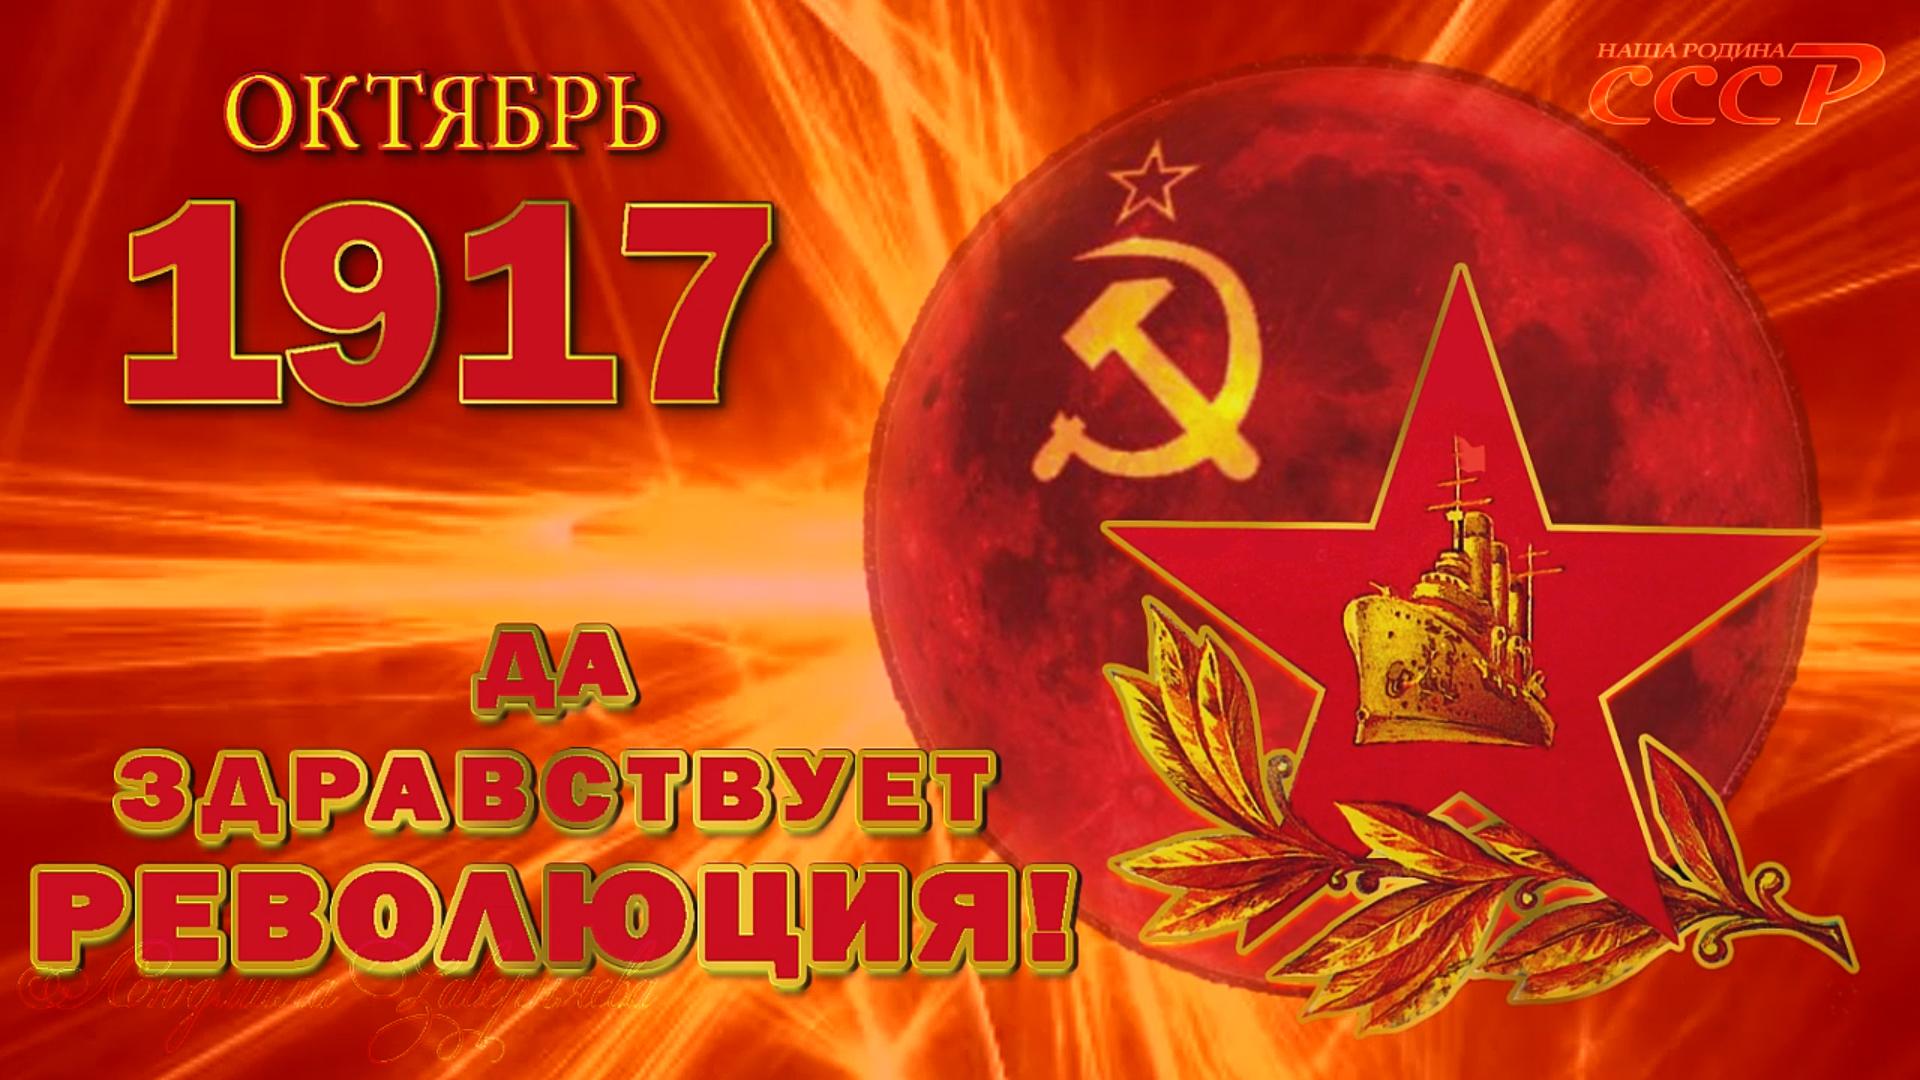 https://images.vfl.ru/ii/1510033721/19ee0568/19313816.jpg height=911 height=547